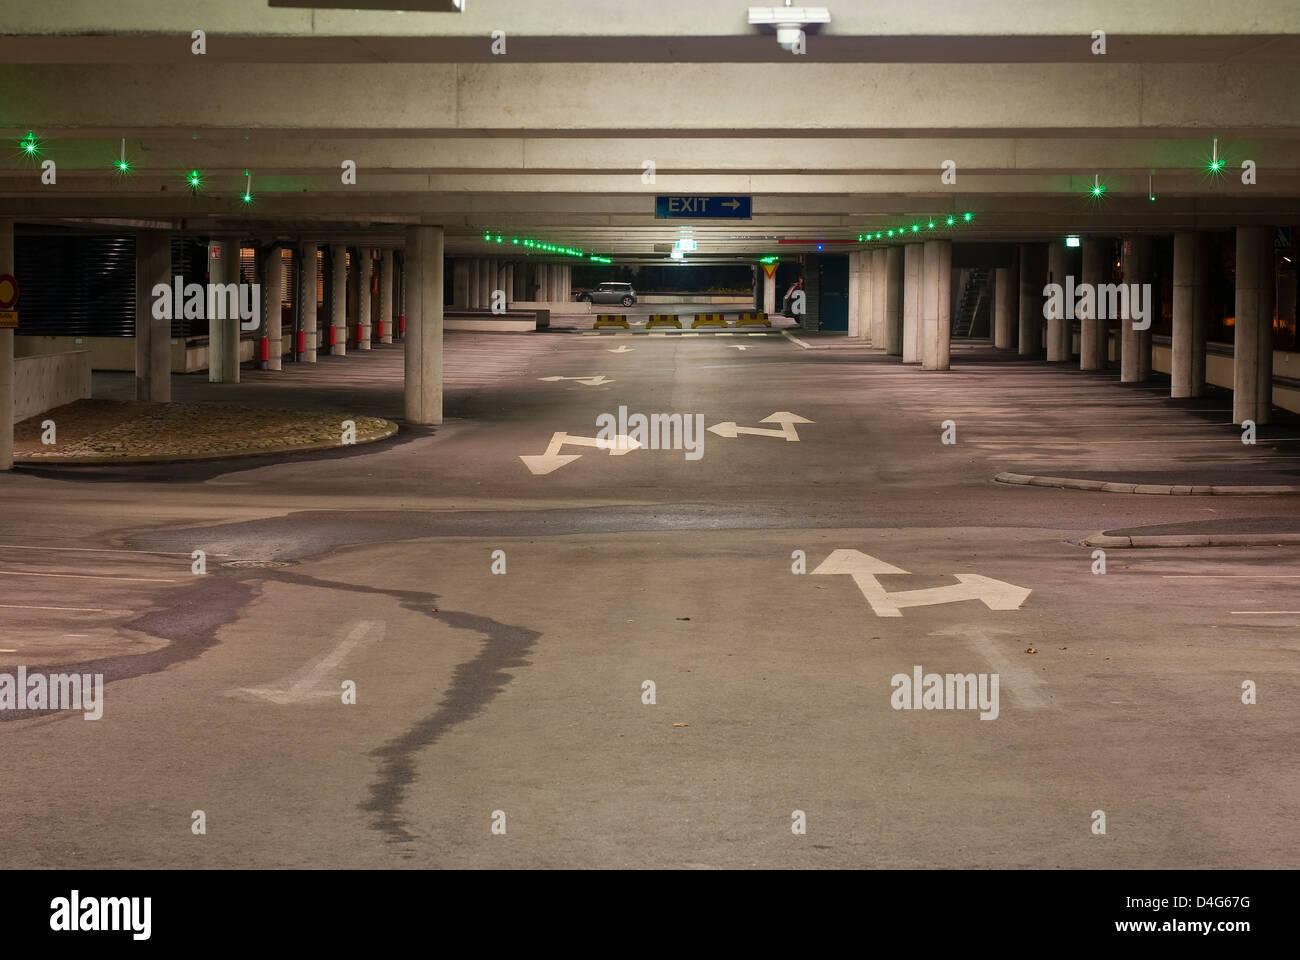 Vuoto parcheggio garage con poca luce verde per illuminare i posti